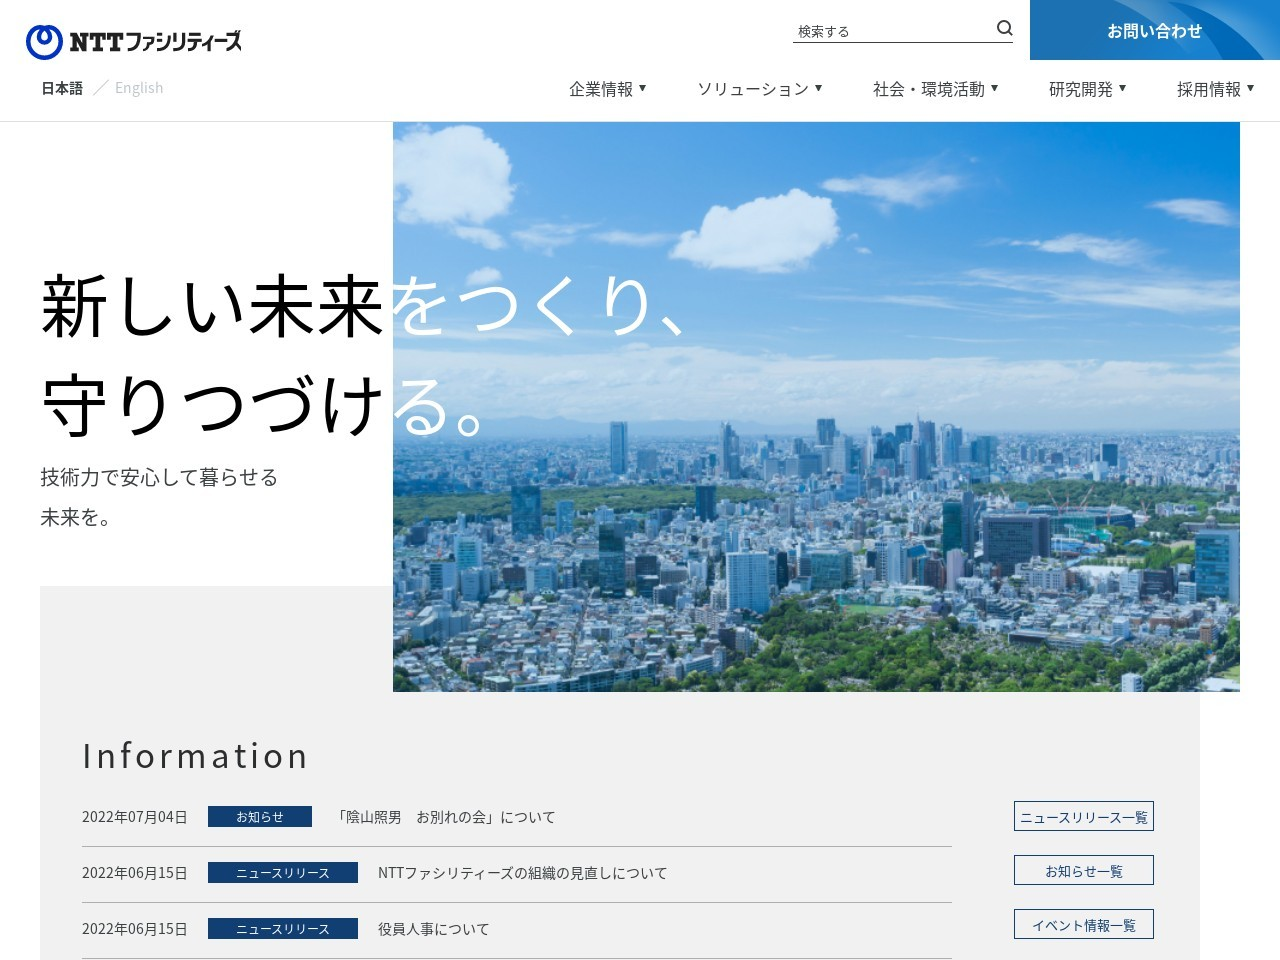 株式会社NTTファシリティーズ関西事業本部/営業本部